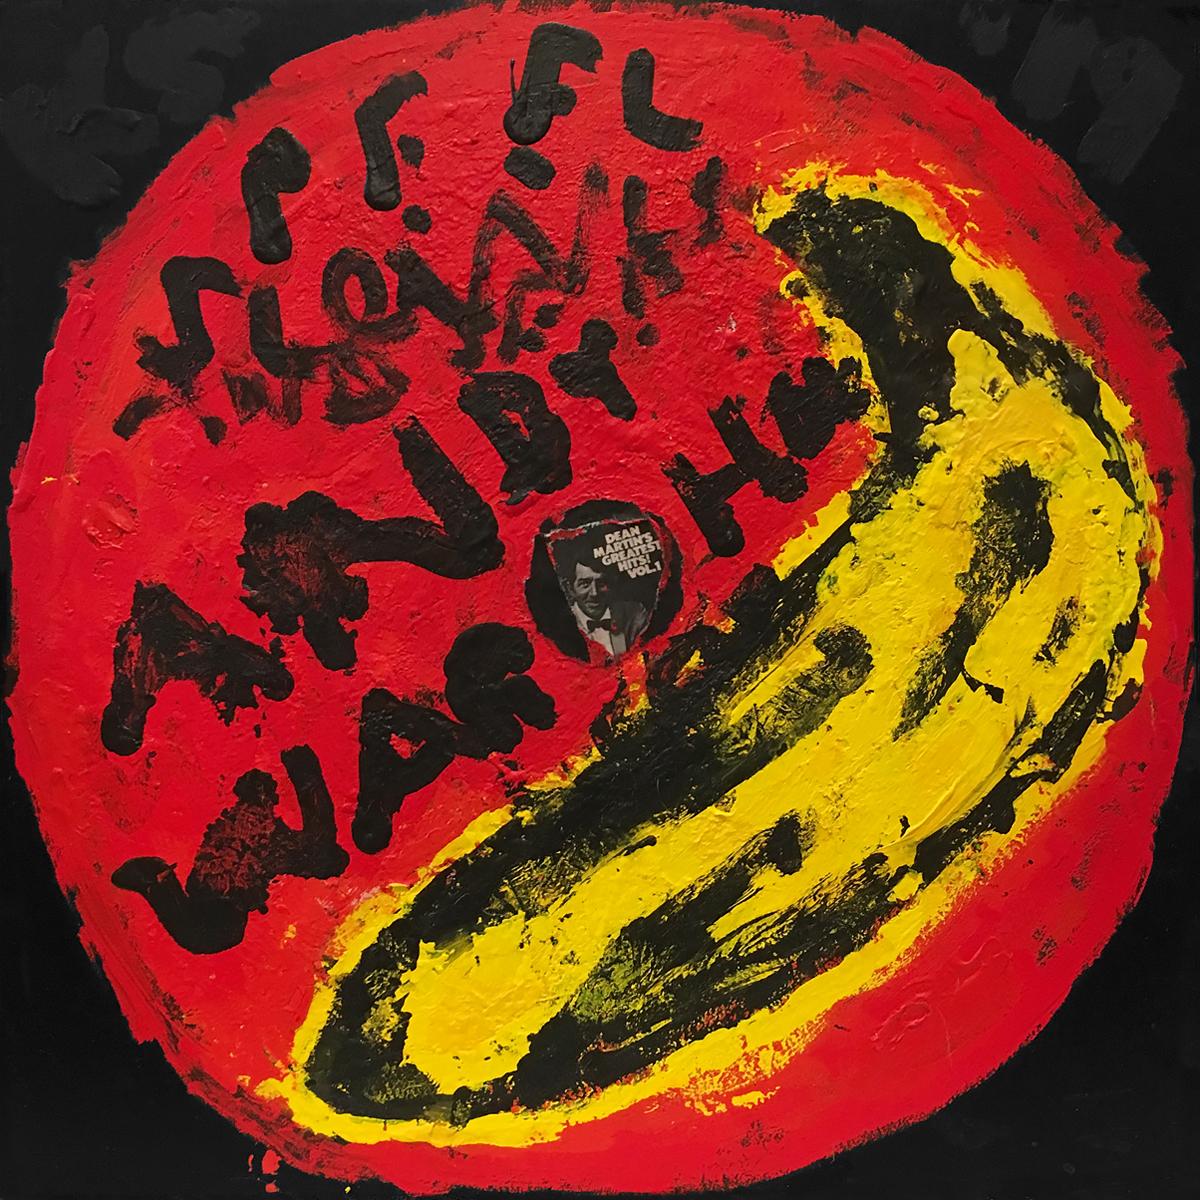 Velvet Underground / Andy Warhol (Red)